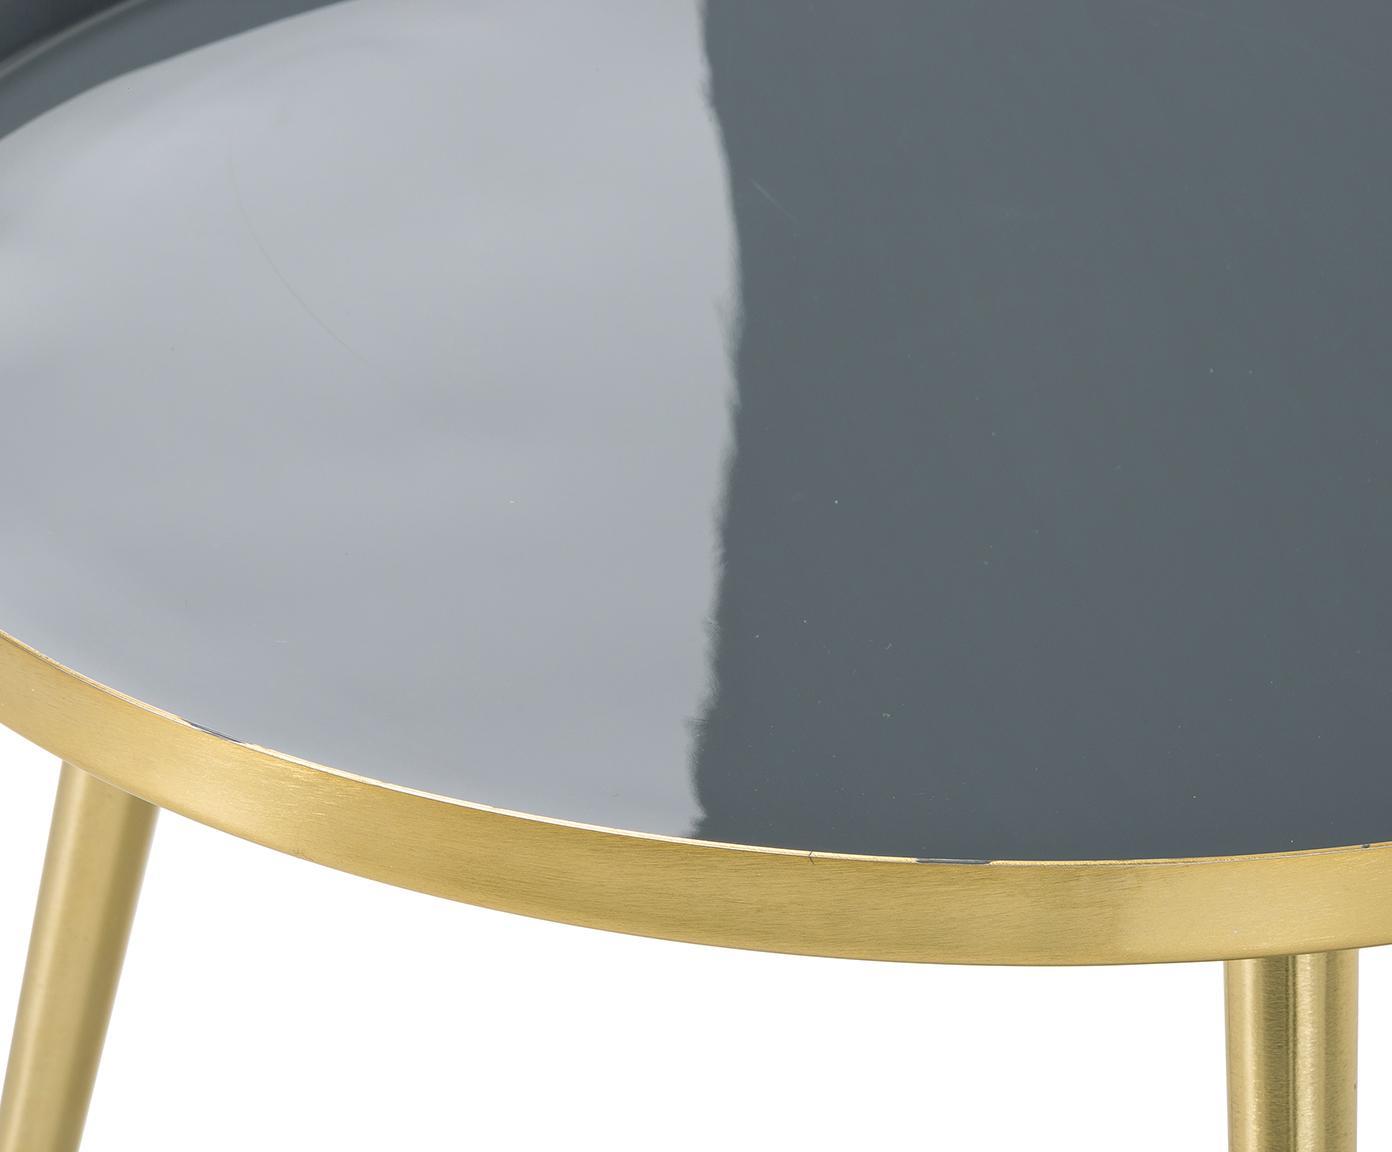 Stolik kawowy Amalia, Blat: szary Nogi stolika: odcienie złotego, Ø 50 x W 42 cm